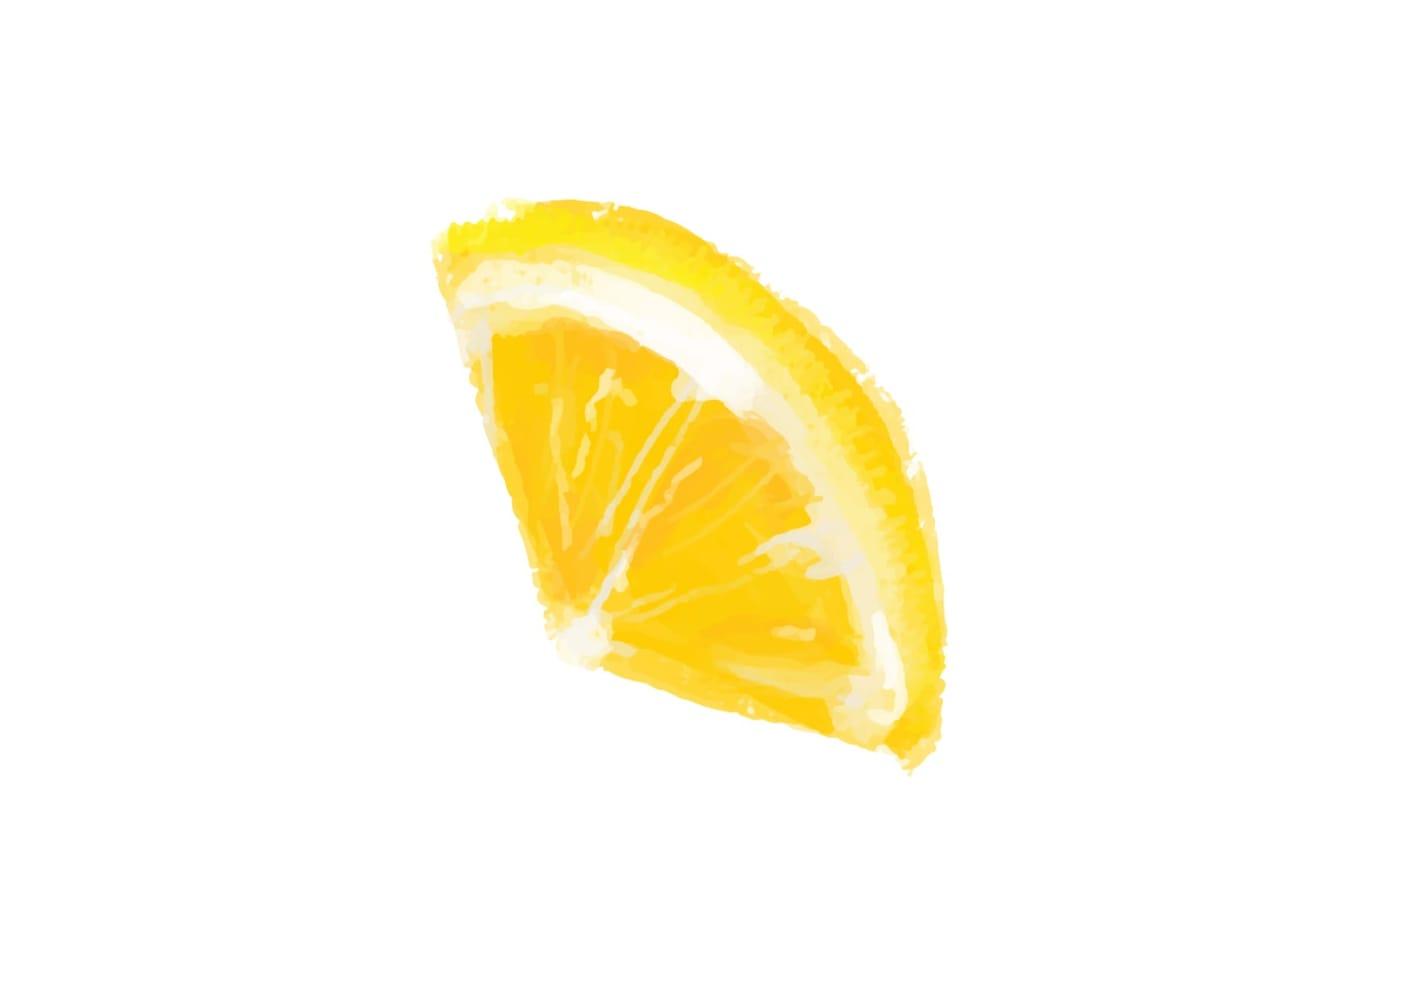 手書き オレンジ 1つ イラスト 無料2